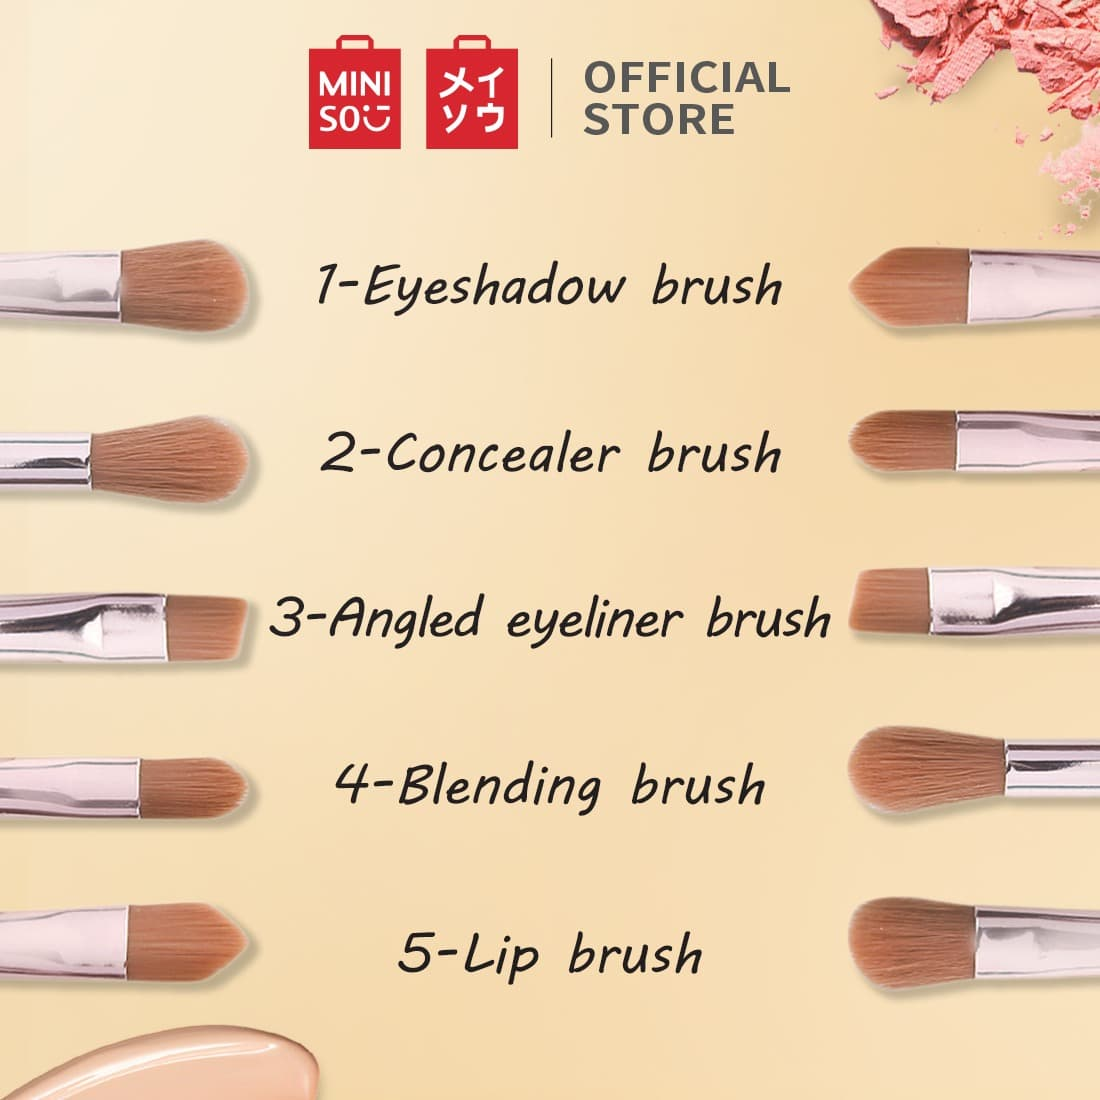 MINISO Kit Kuas Makeup Brush Spons Kosmetik 5 Pcs Set Blush Mini - Gold thumbnail